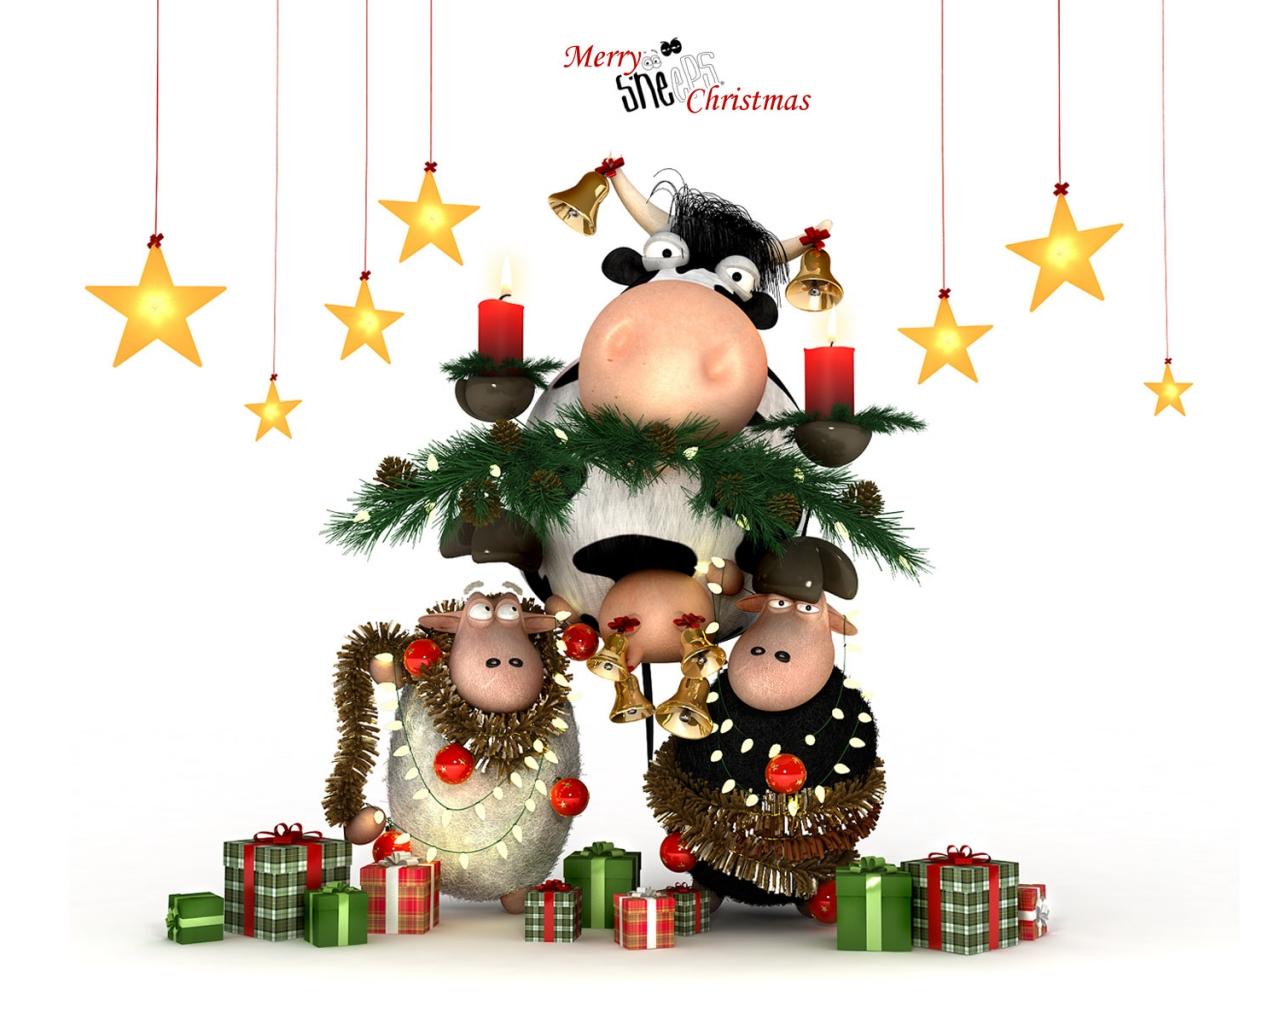 Dibujos por navidad - 1280x1024